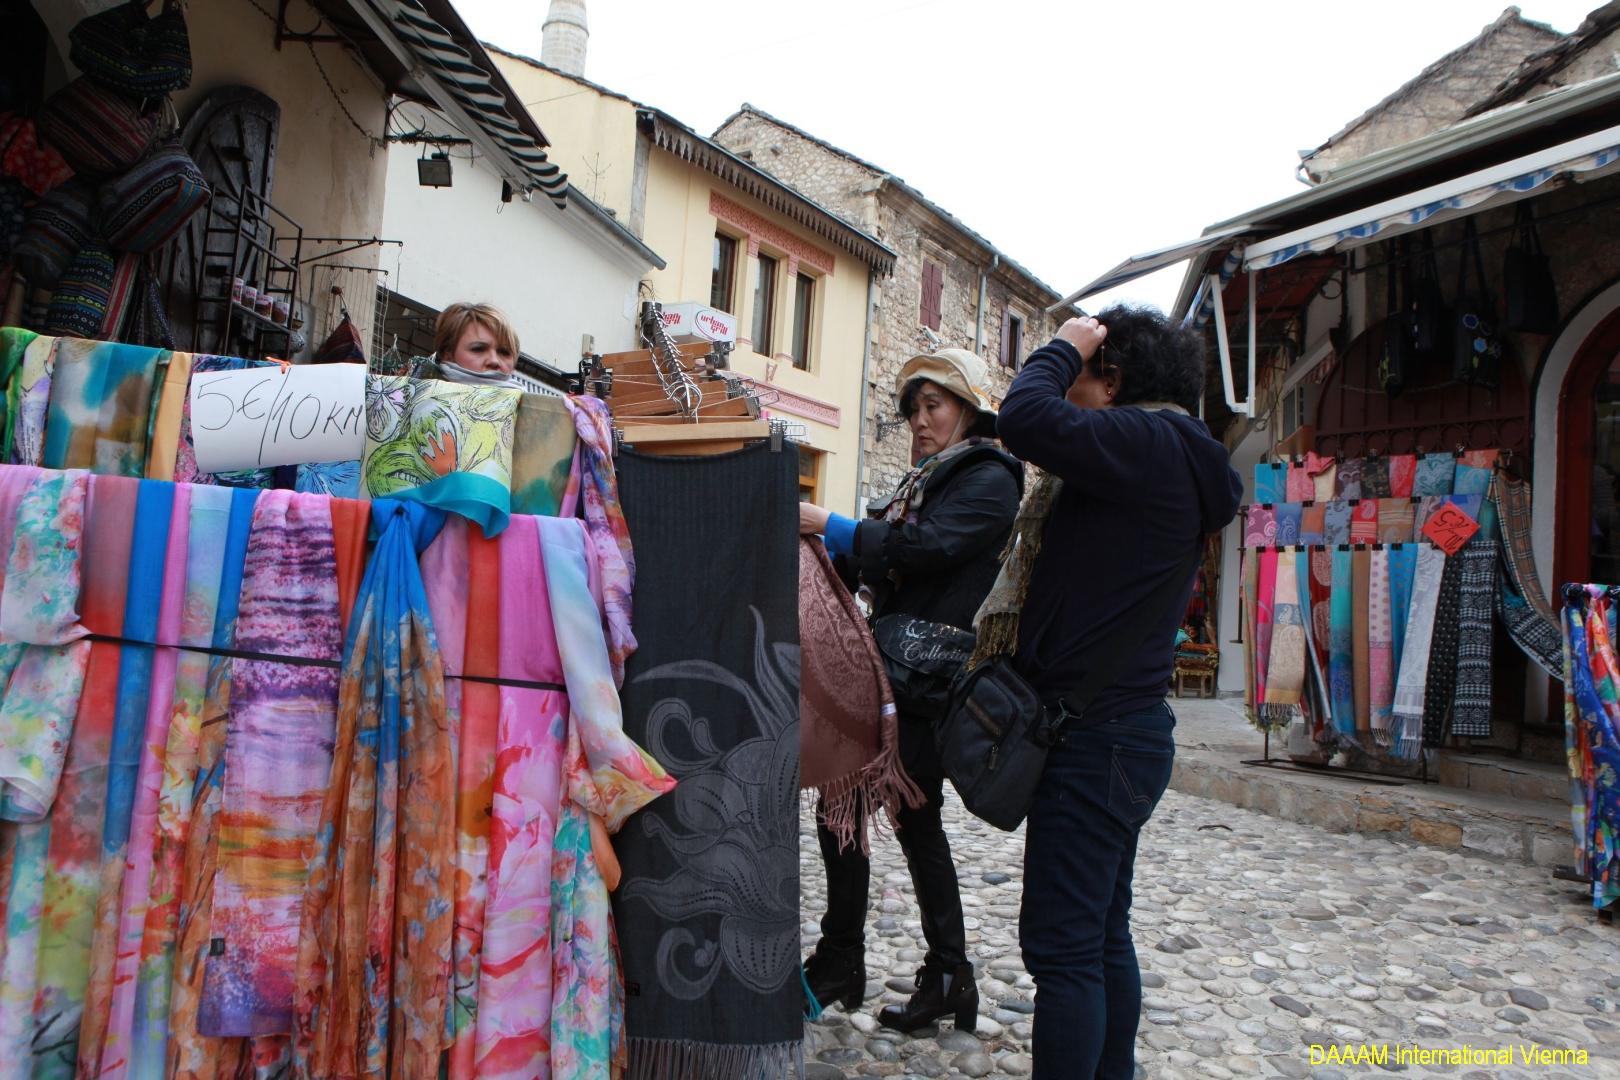 DAAAM_2016_Mostar_01_Magic_City_of_Mostar_105